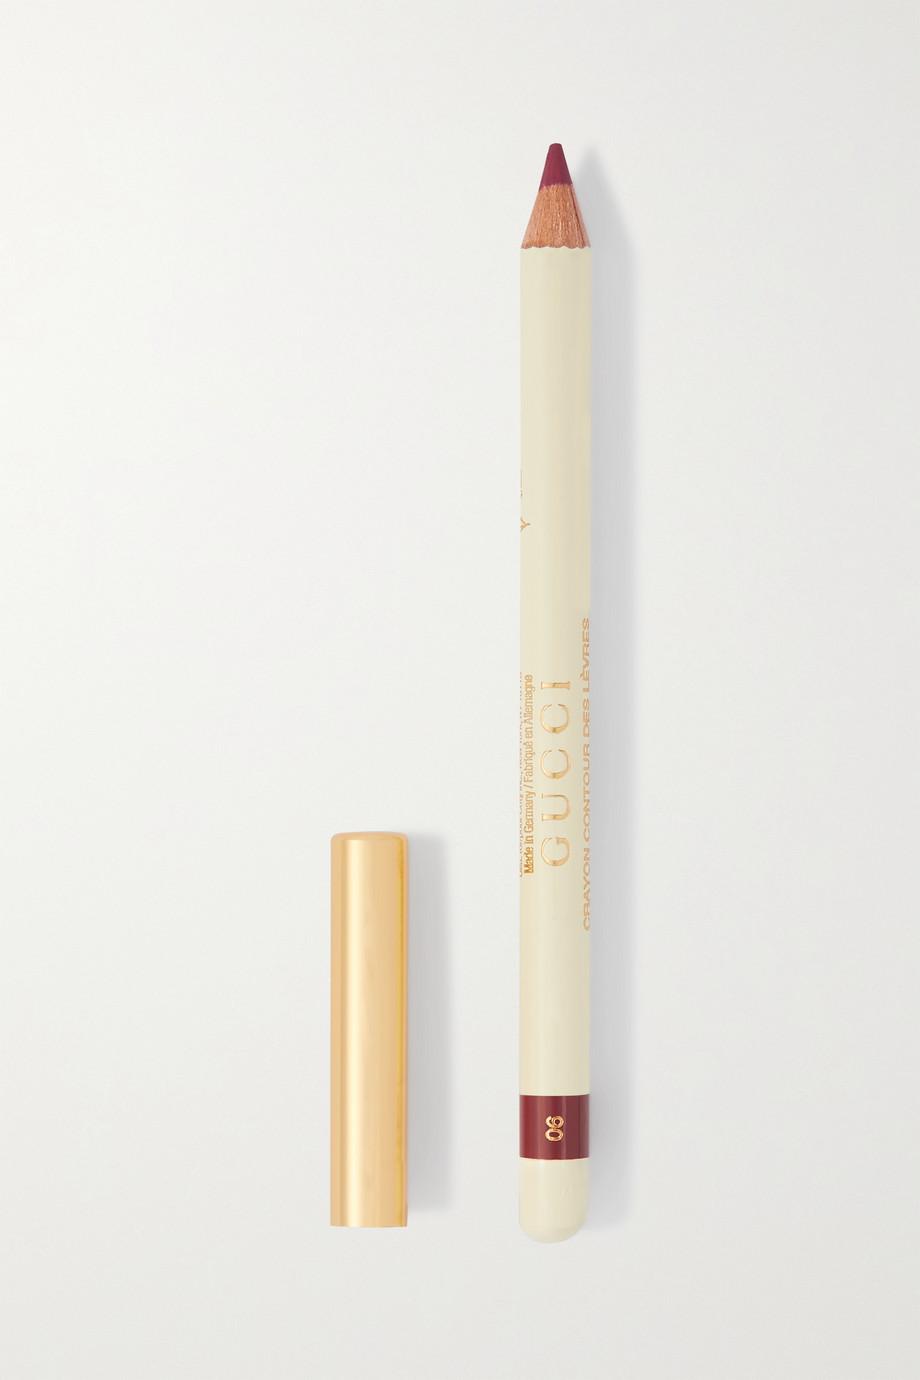 Gucci Beauty Crayon Contour des Lèvres 06 - Rusty Red